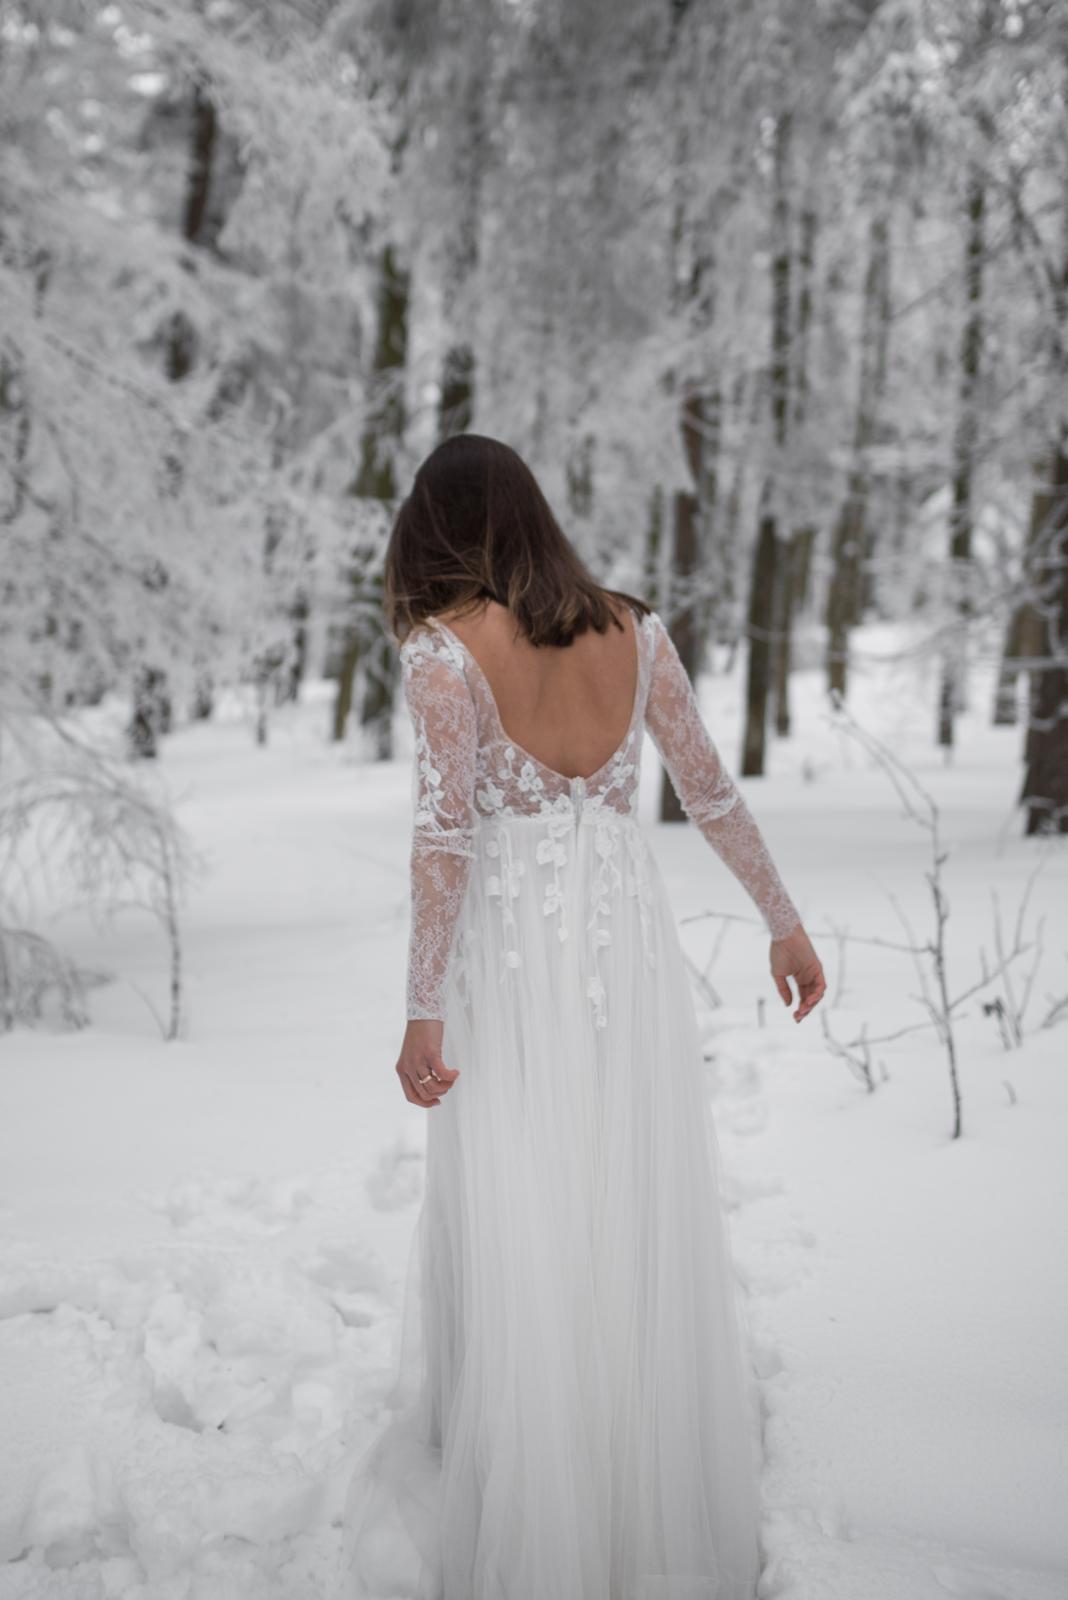 Anna Kara svadobne saty model Jude kolekcia 2020 - Obrázok č. 3